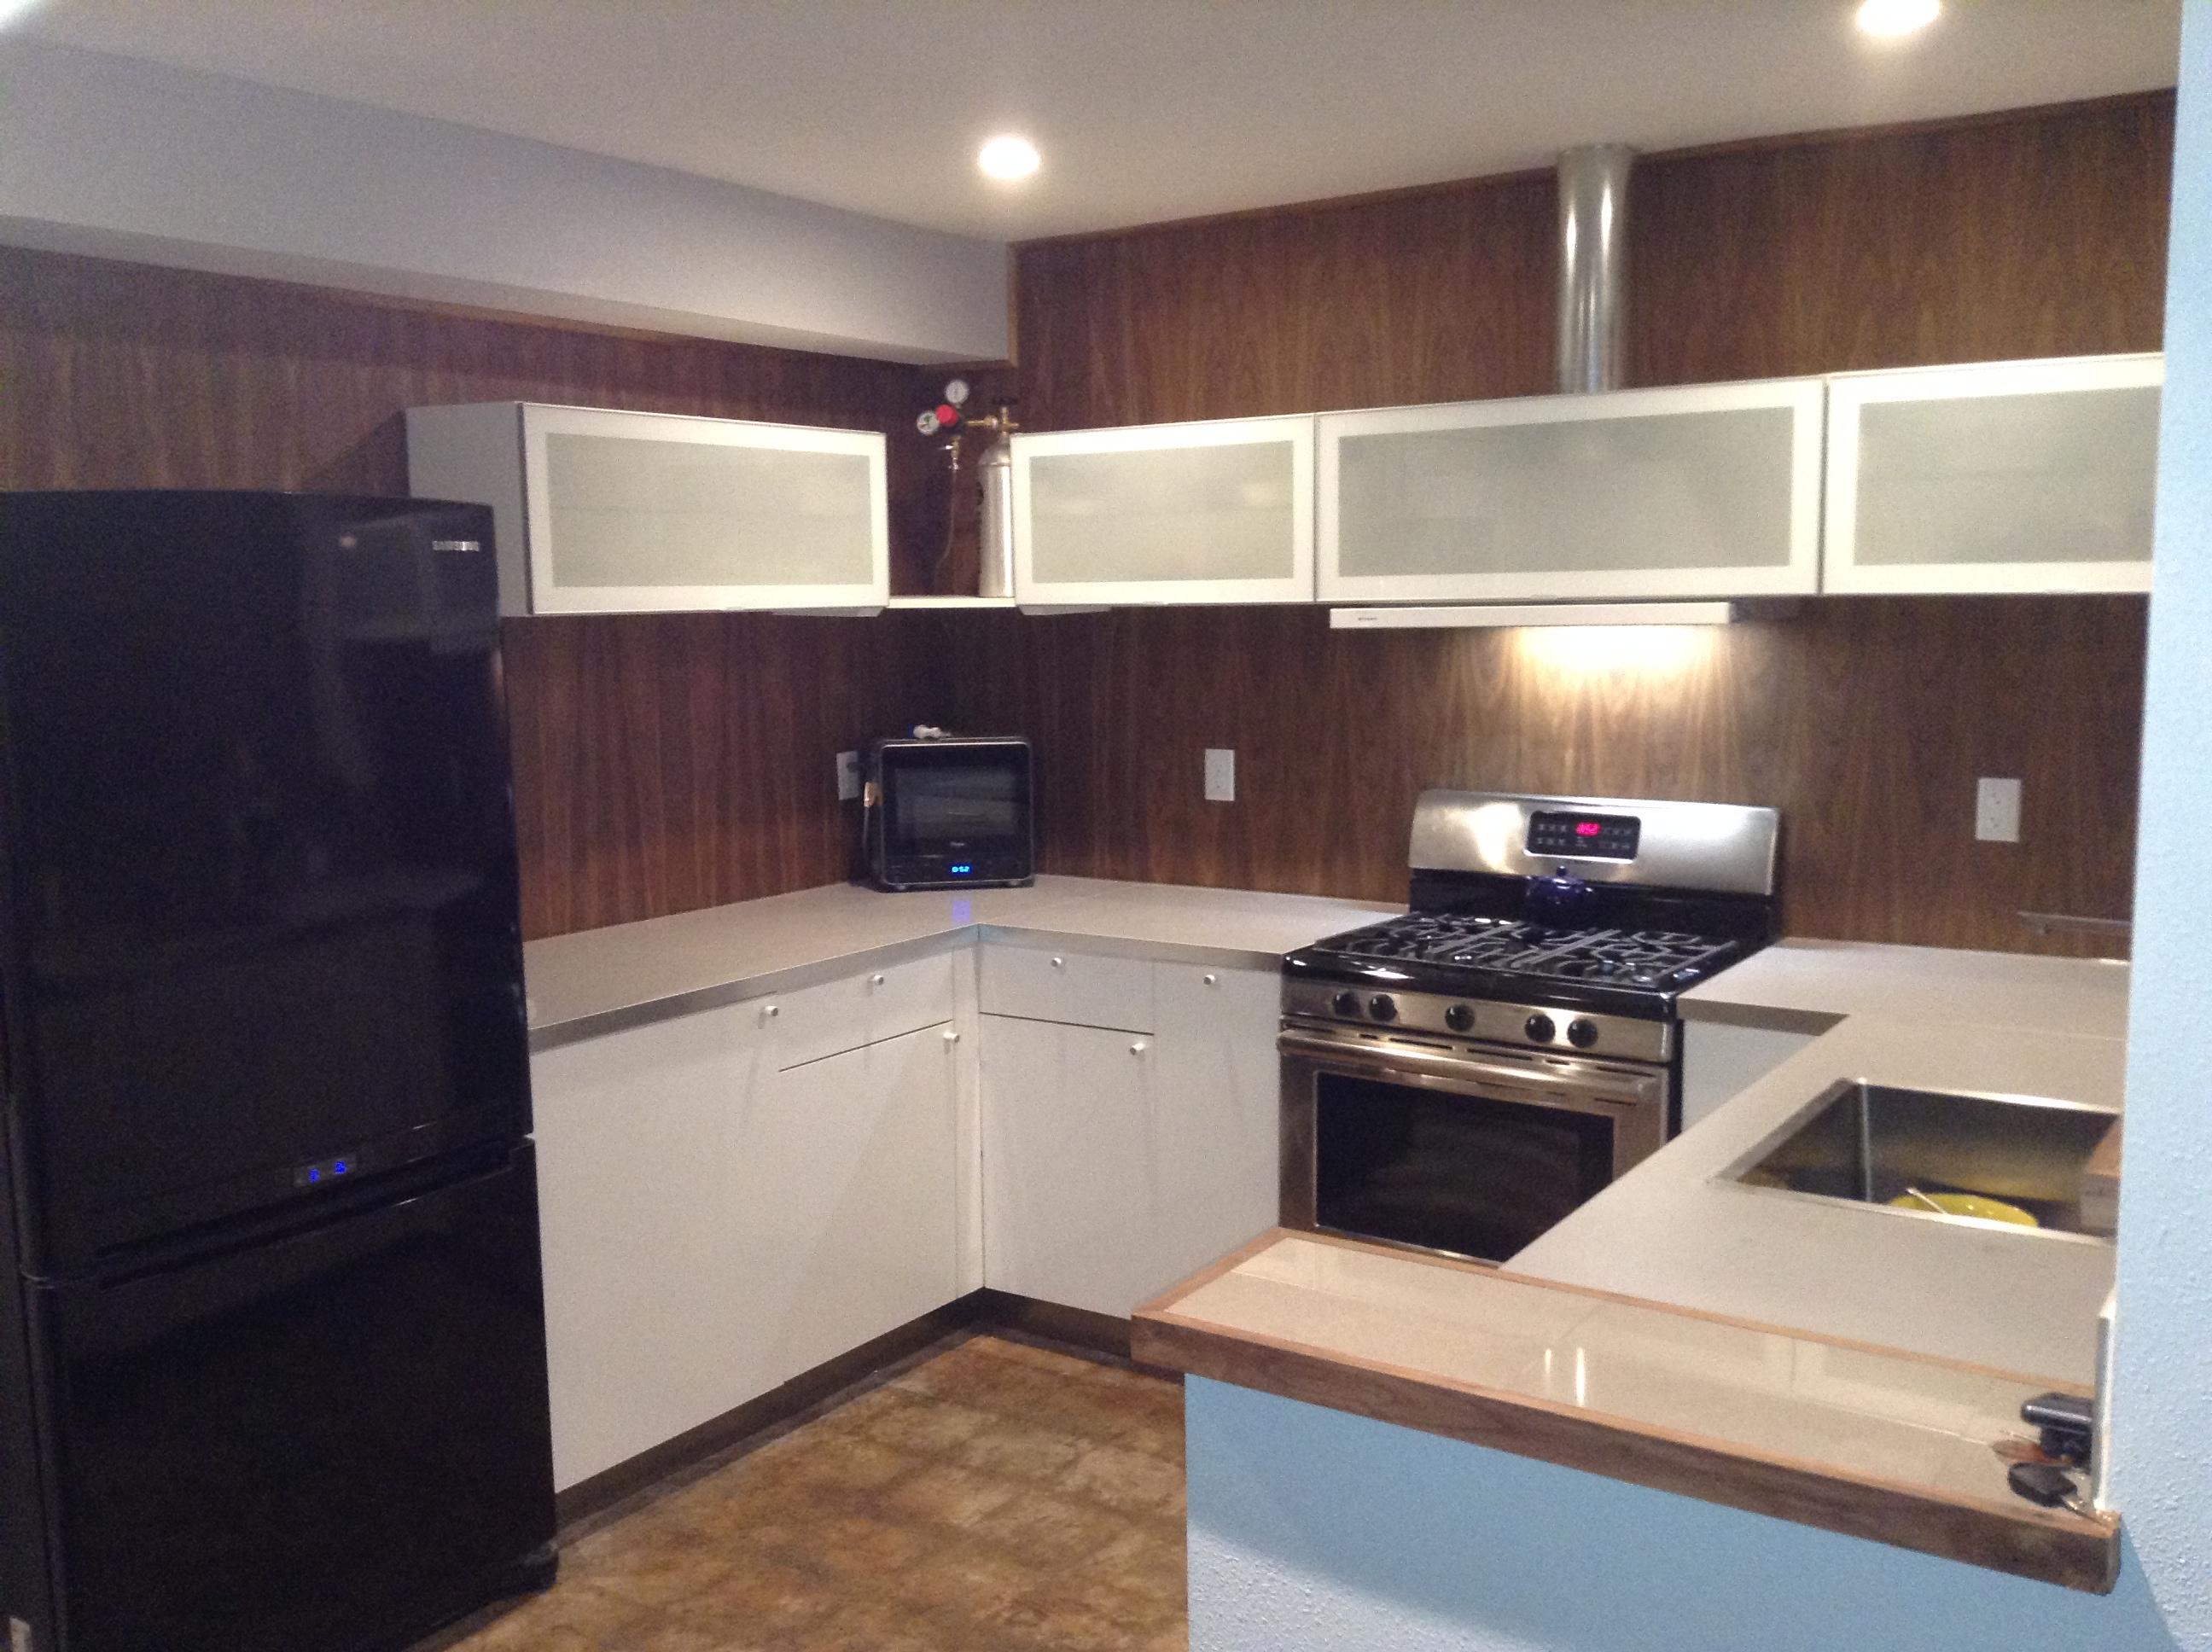 my ikea kitchen install ikea kitchen countertops My Ikea Kitchen Install img